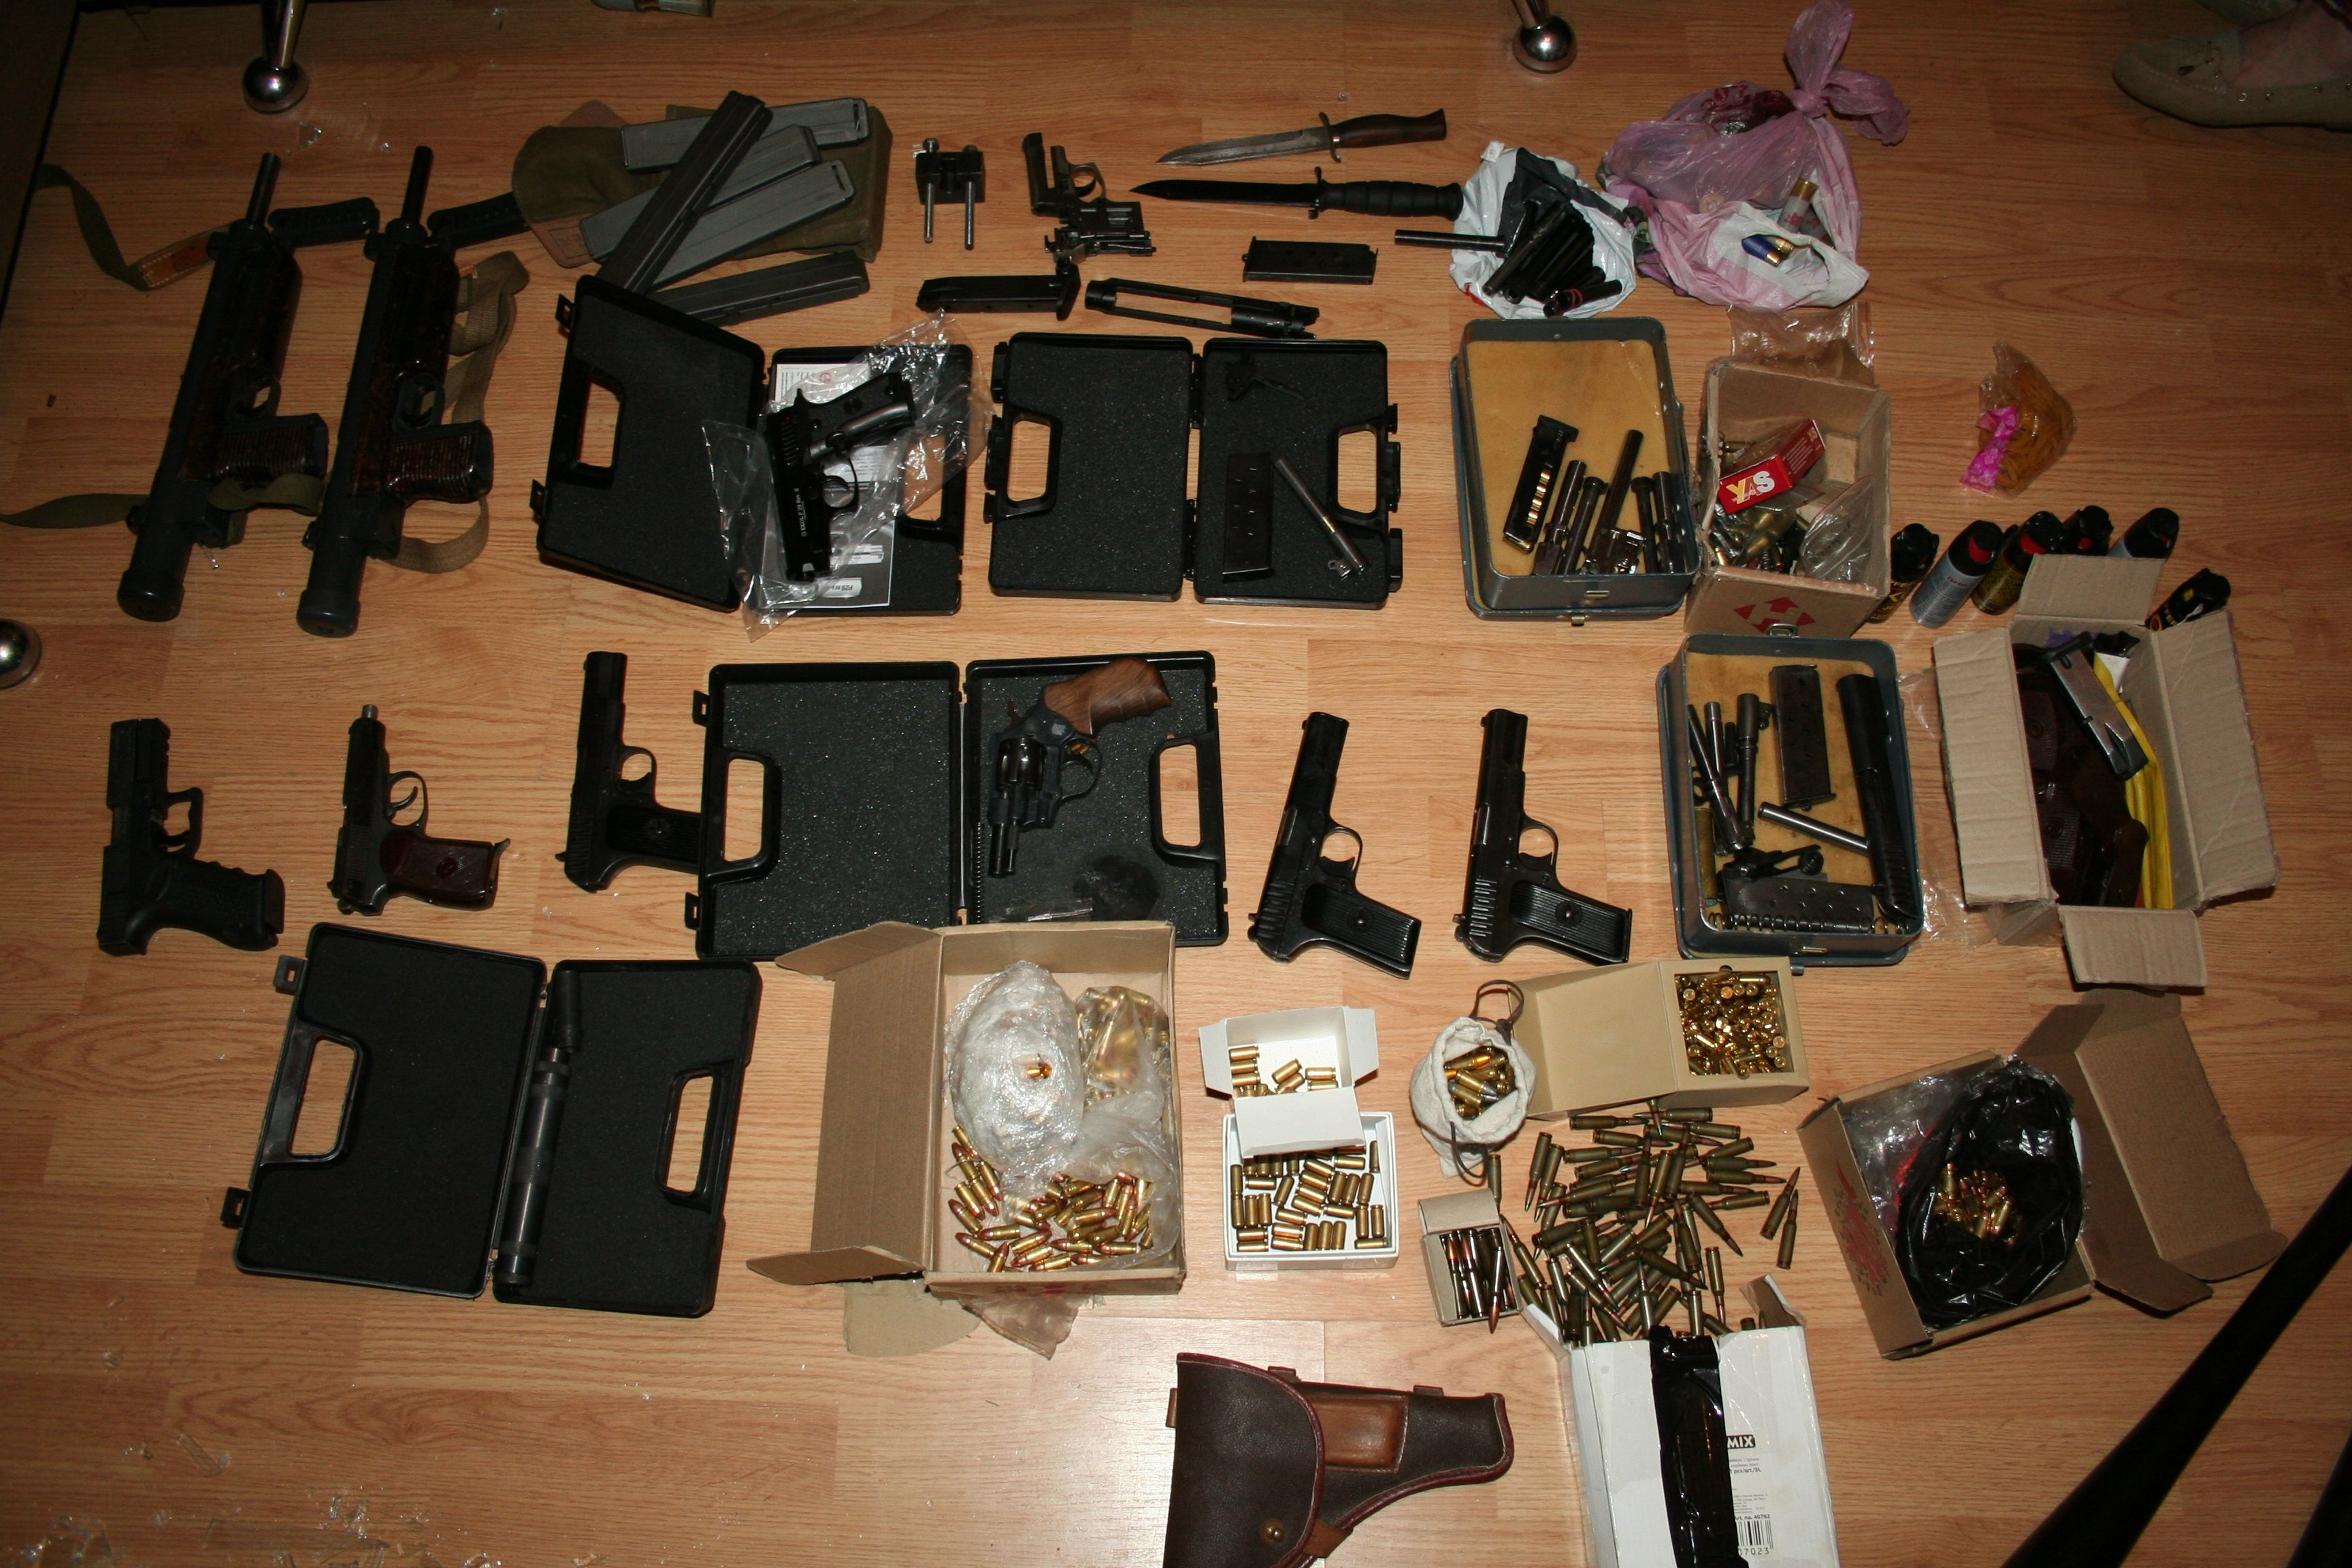 В Харькове накрыли мощную сеть по изготовлению и сбыту оружия, опубликованы фото и видео